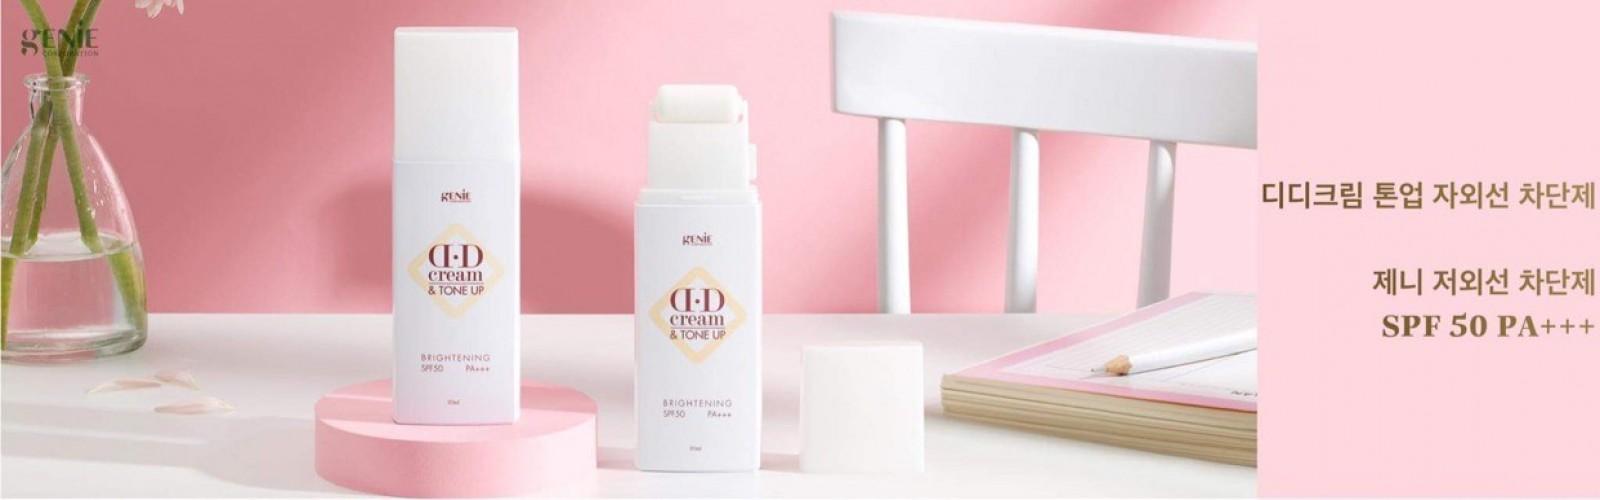 Genie DD cream